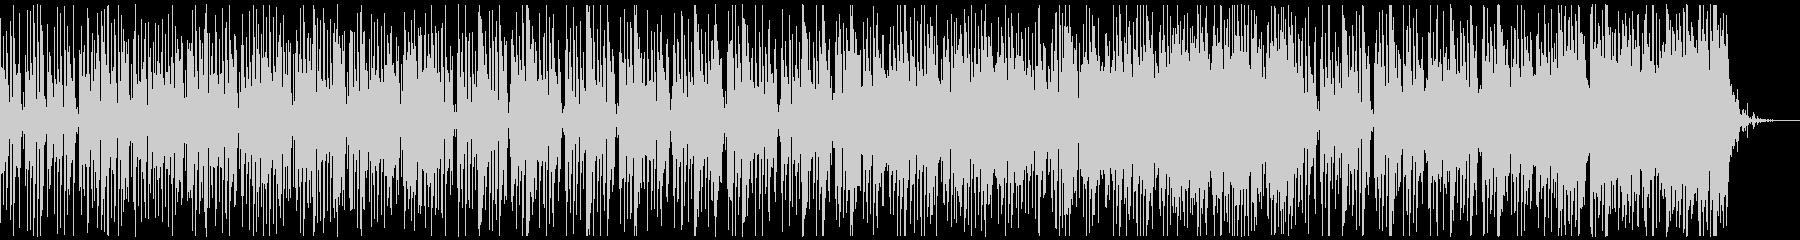 楽しく、コミカルなBGM (ドラム無し)の未再生の波形